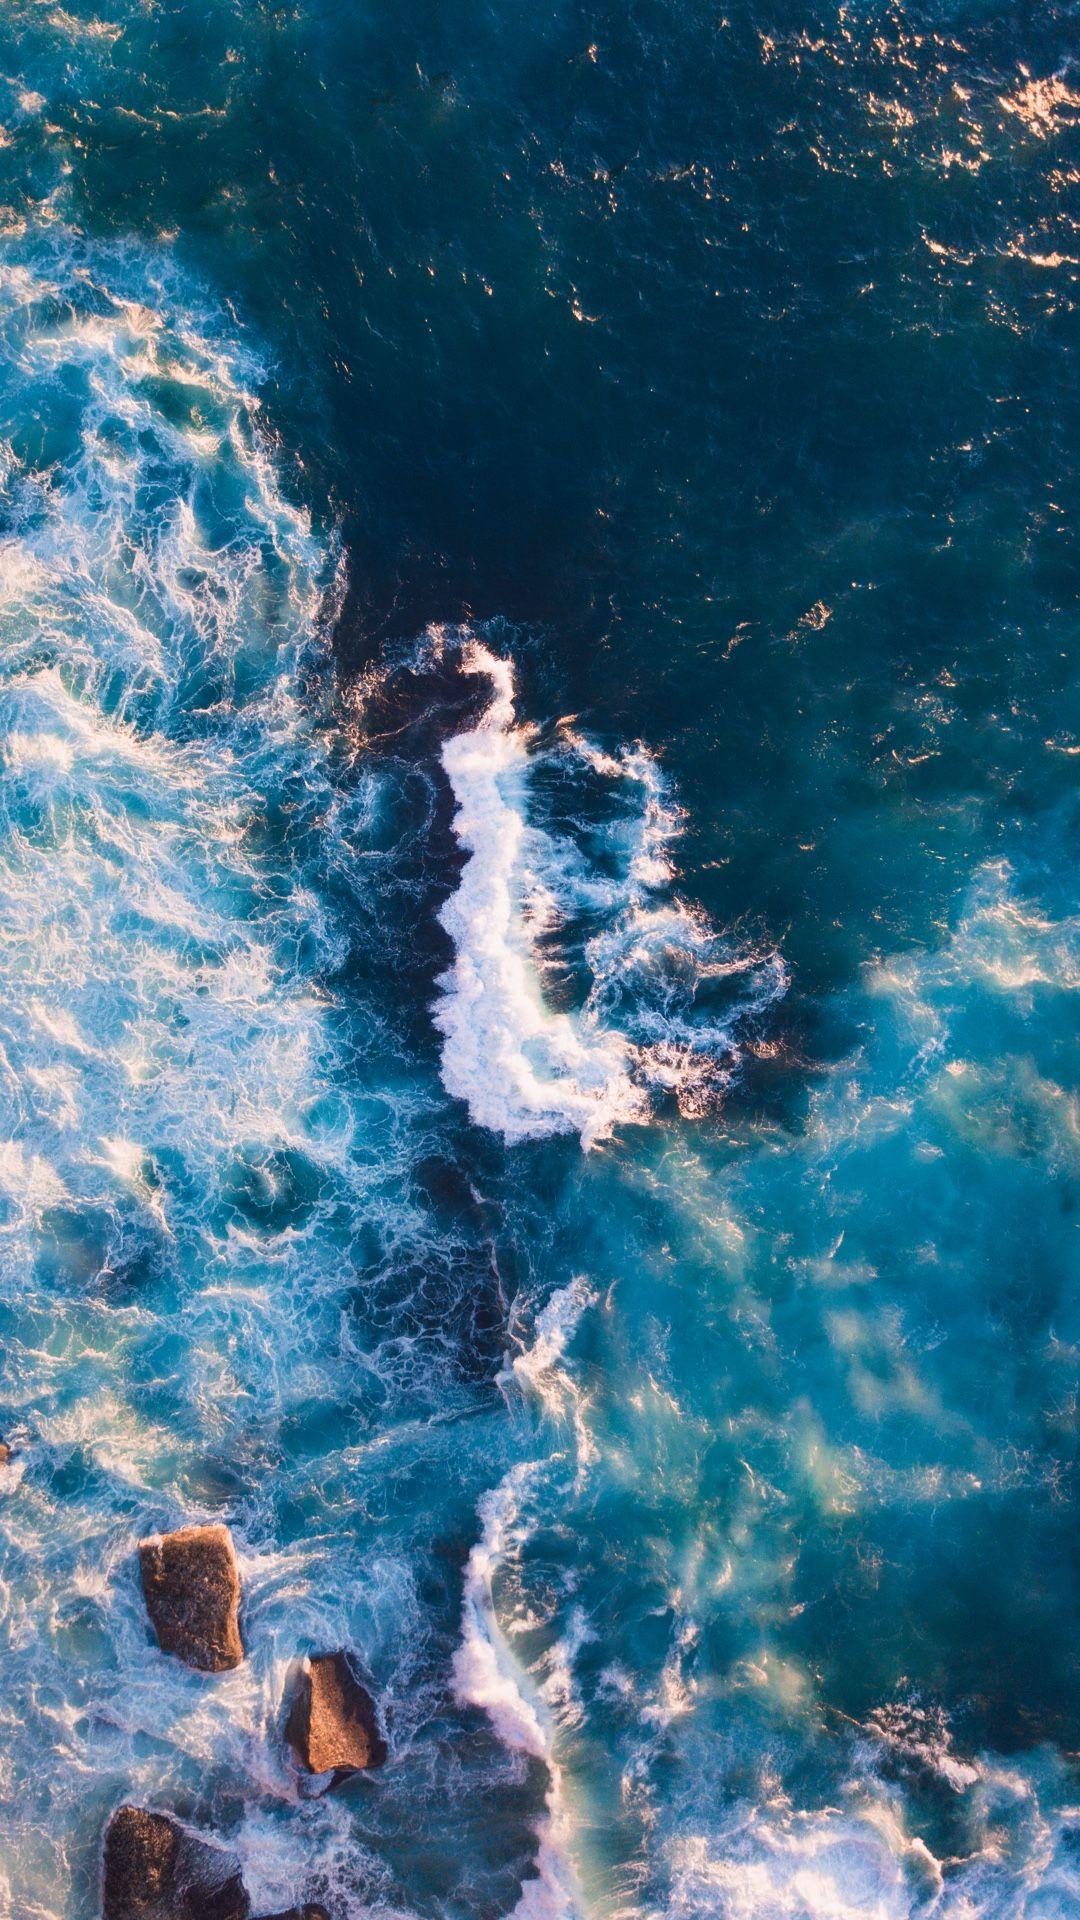 Ocean wallpaper for your iPhone XS from Everpix wallpaper